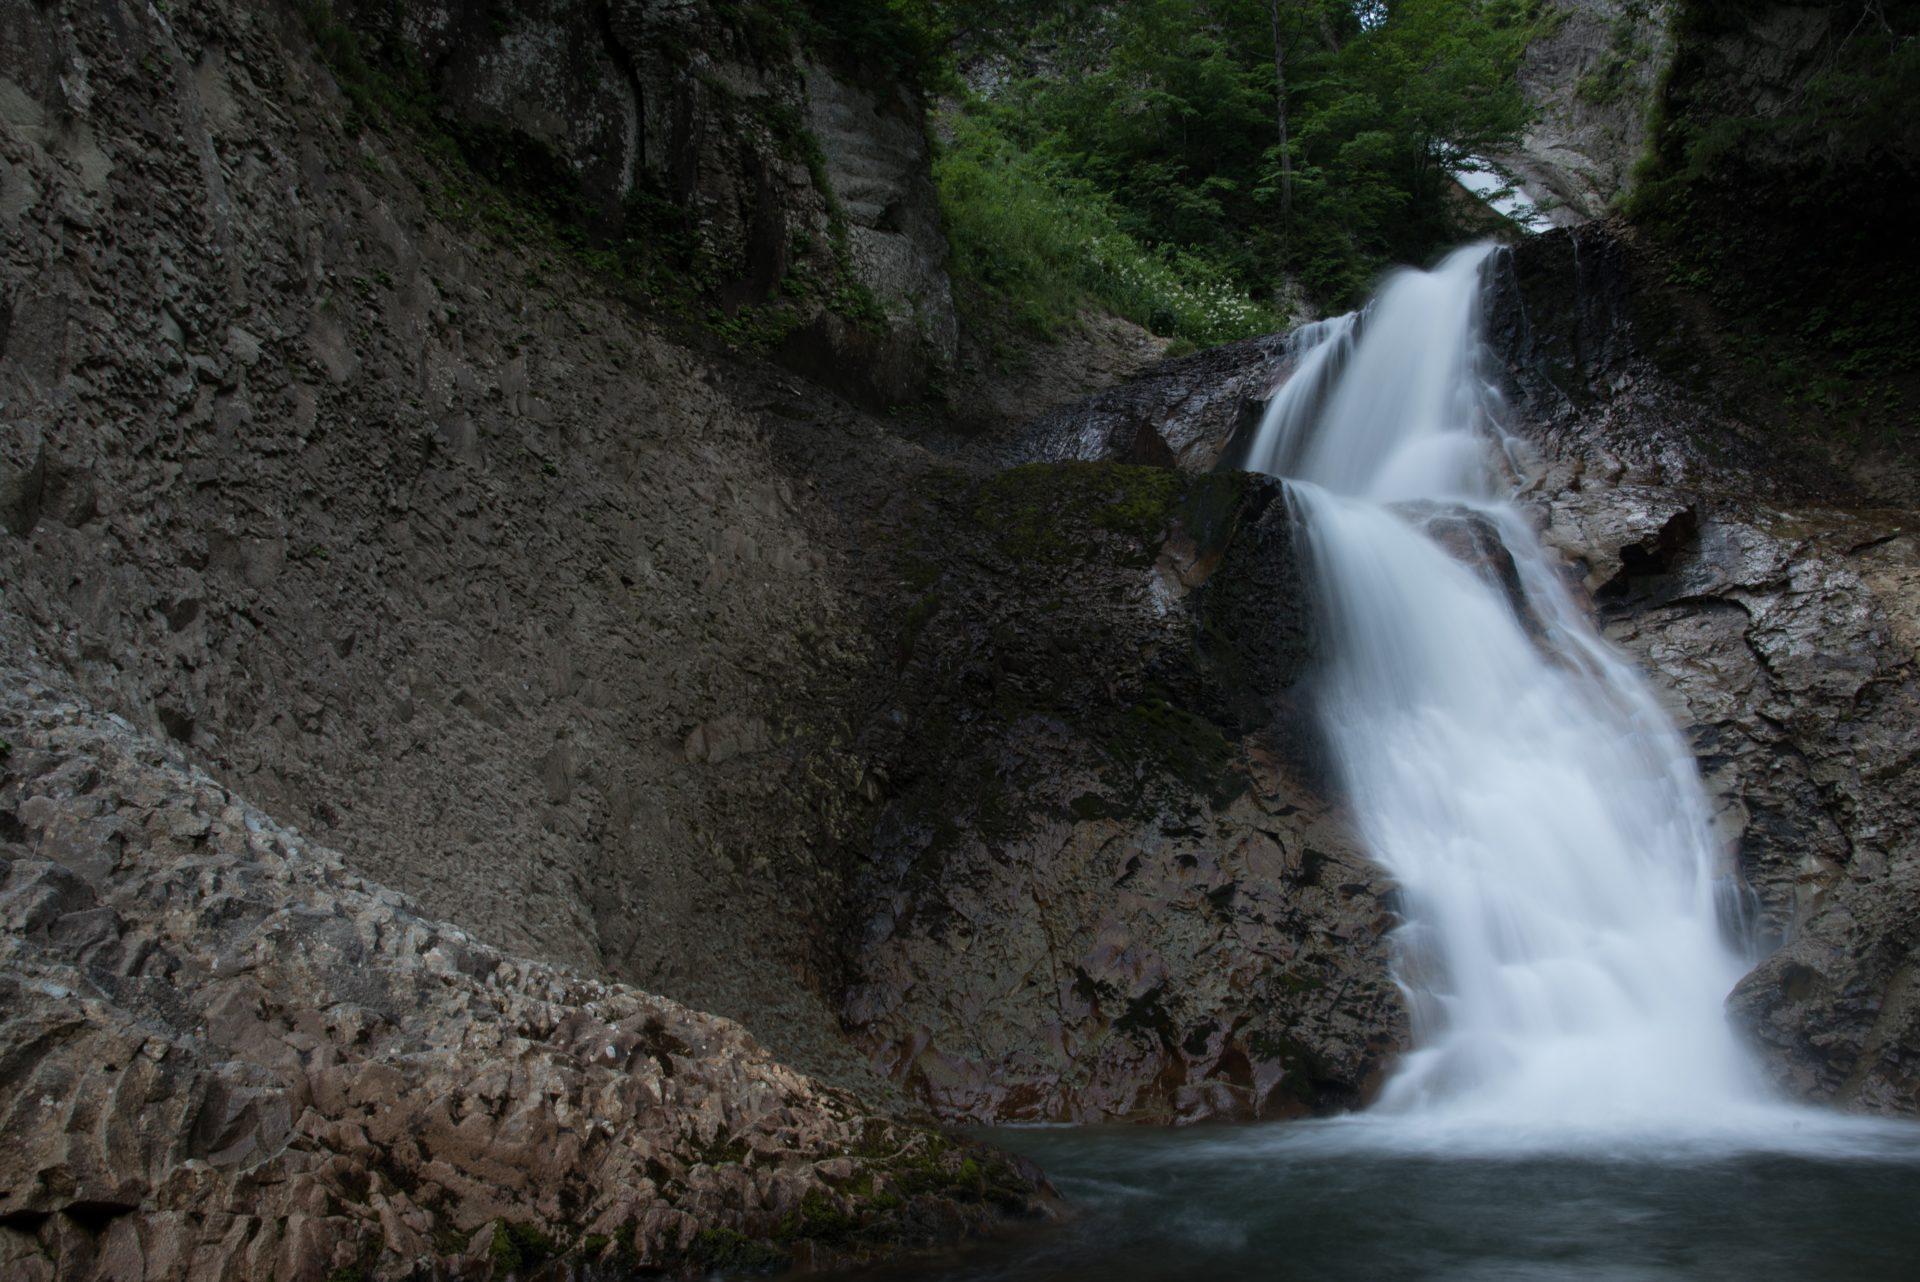 青森の秘瀑 松見の滝